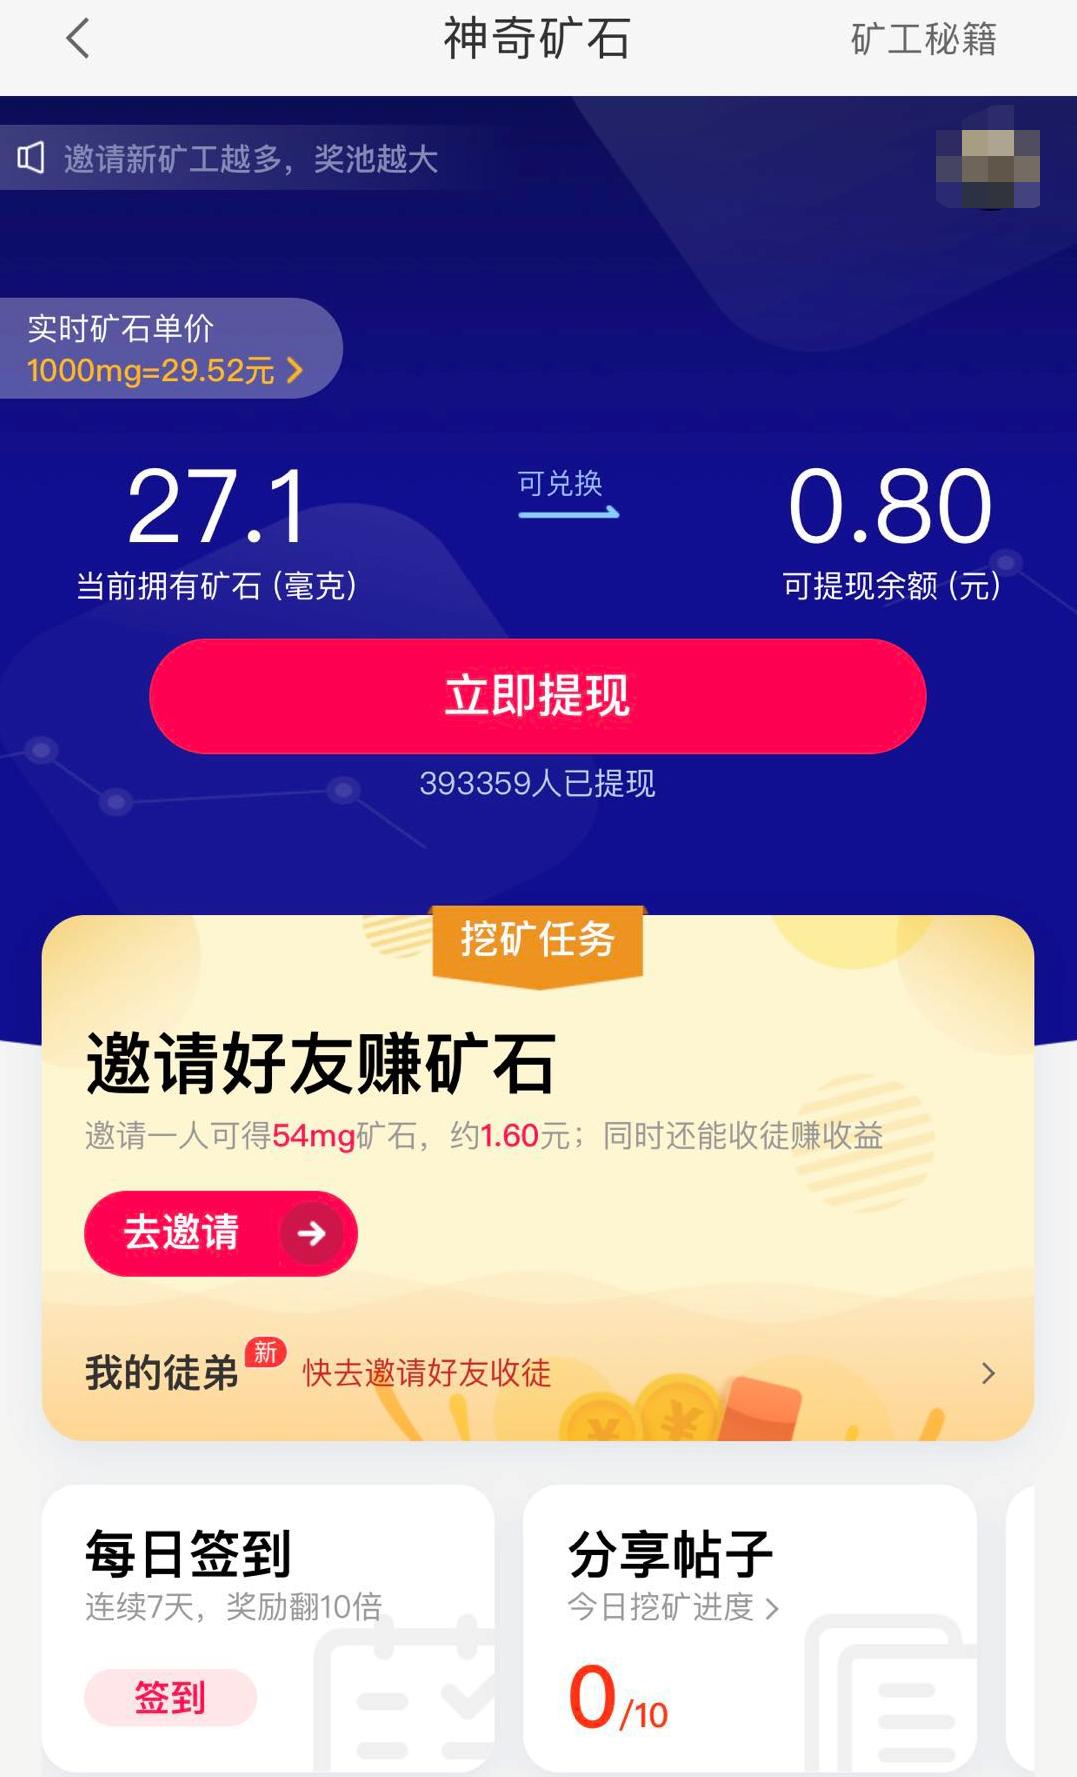 http://www.reviewcode.cn/bianchengyuyan/45069.html